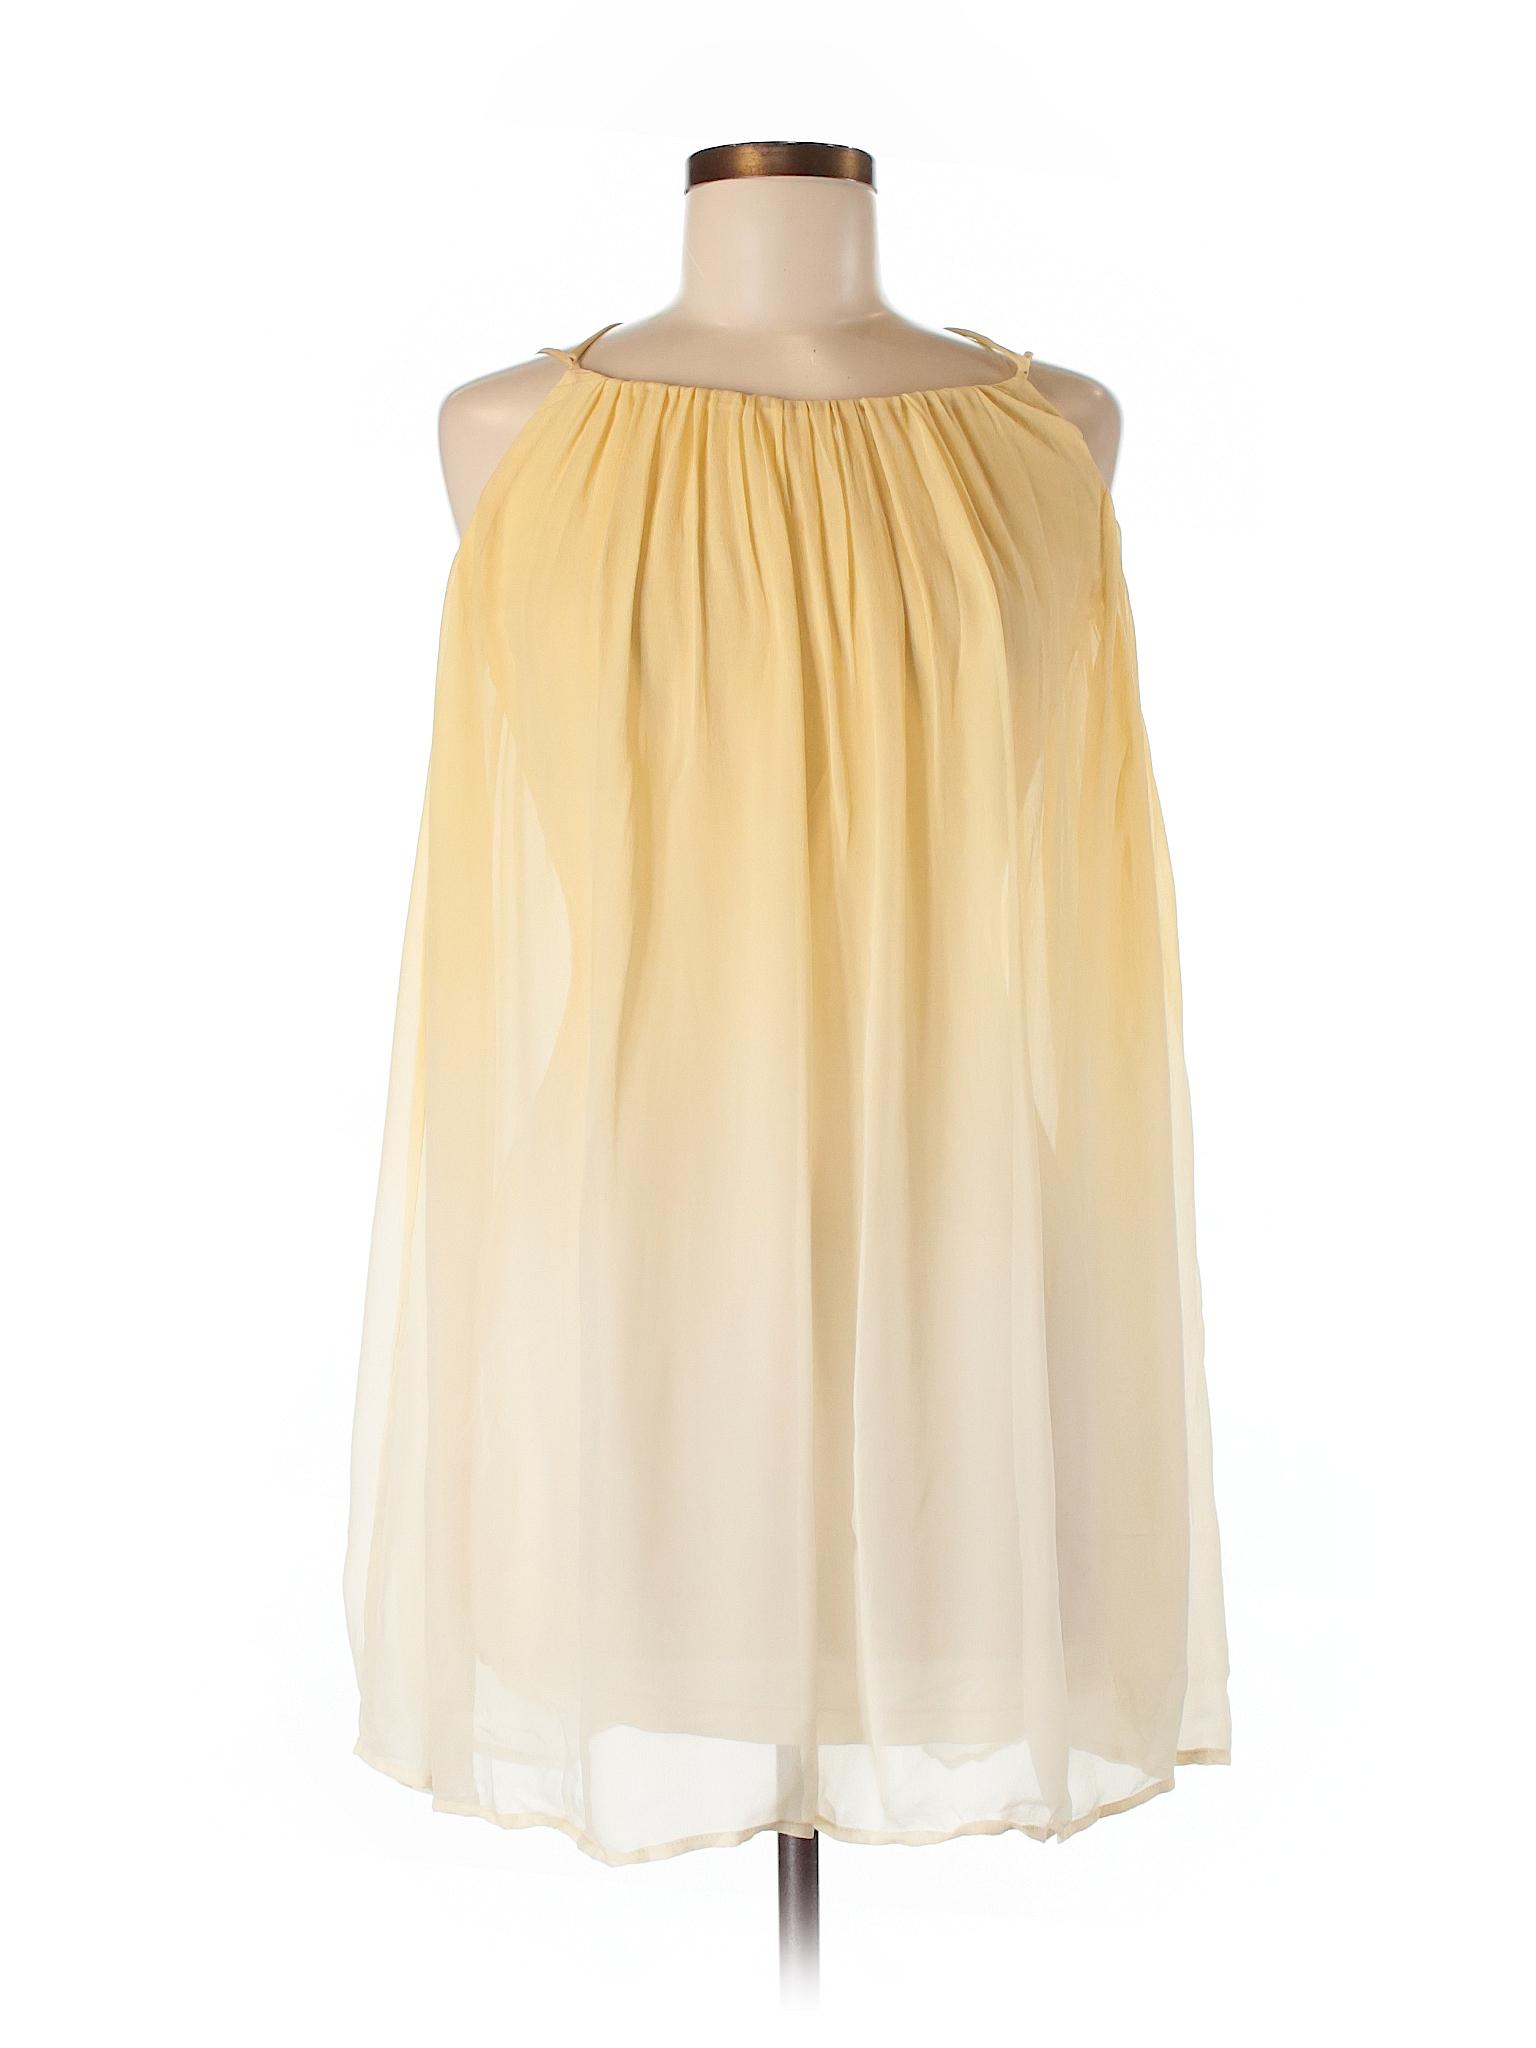 Fabulous Young Casual Broke amp; winter Dress Boutique q6xwgnZff